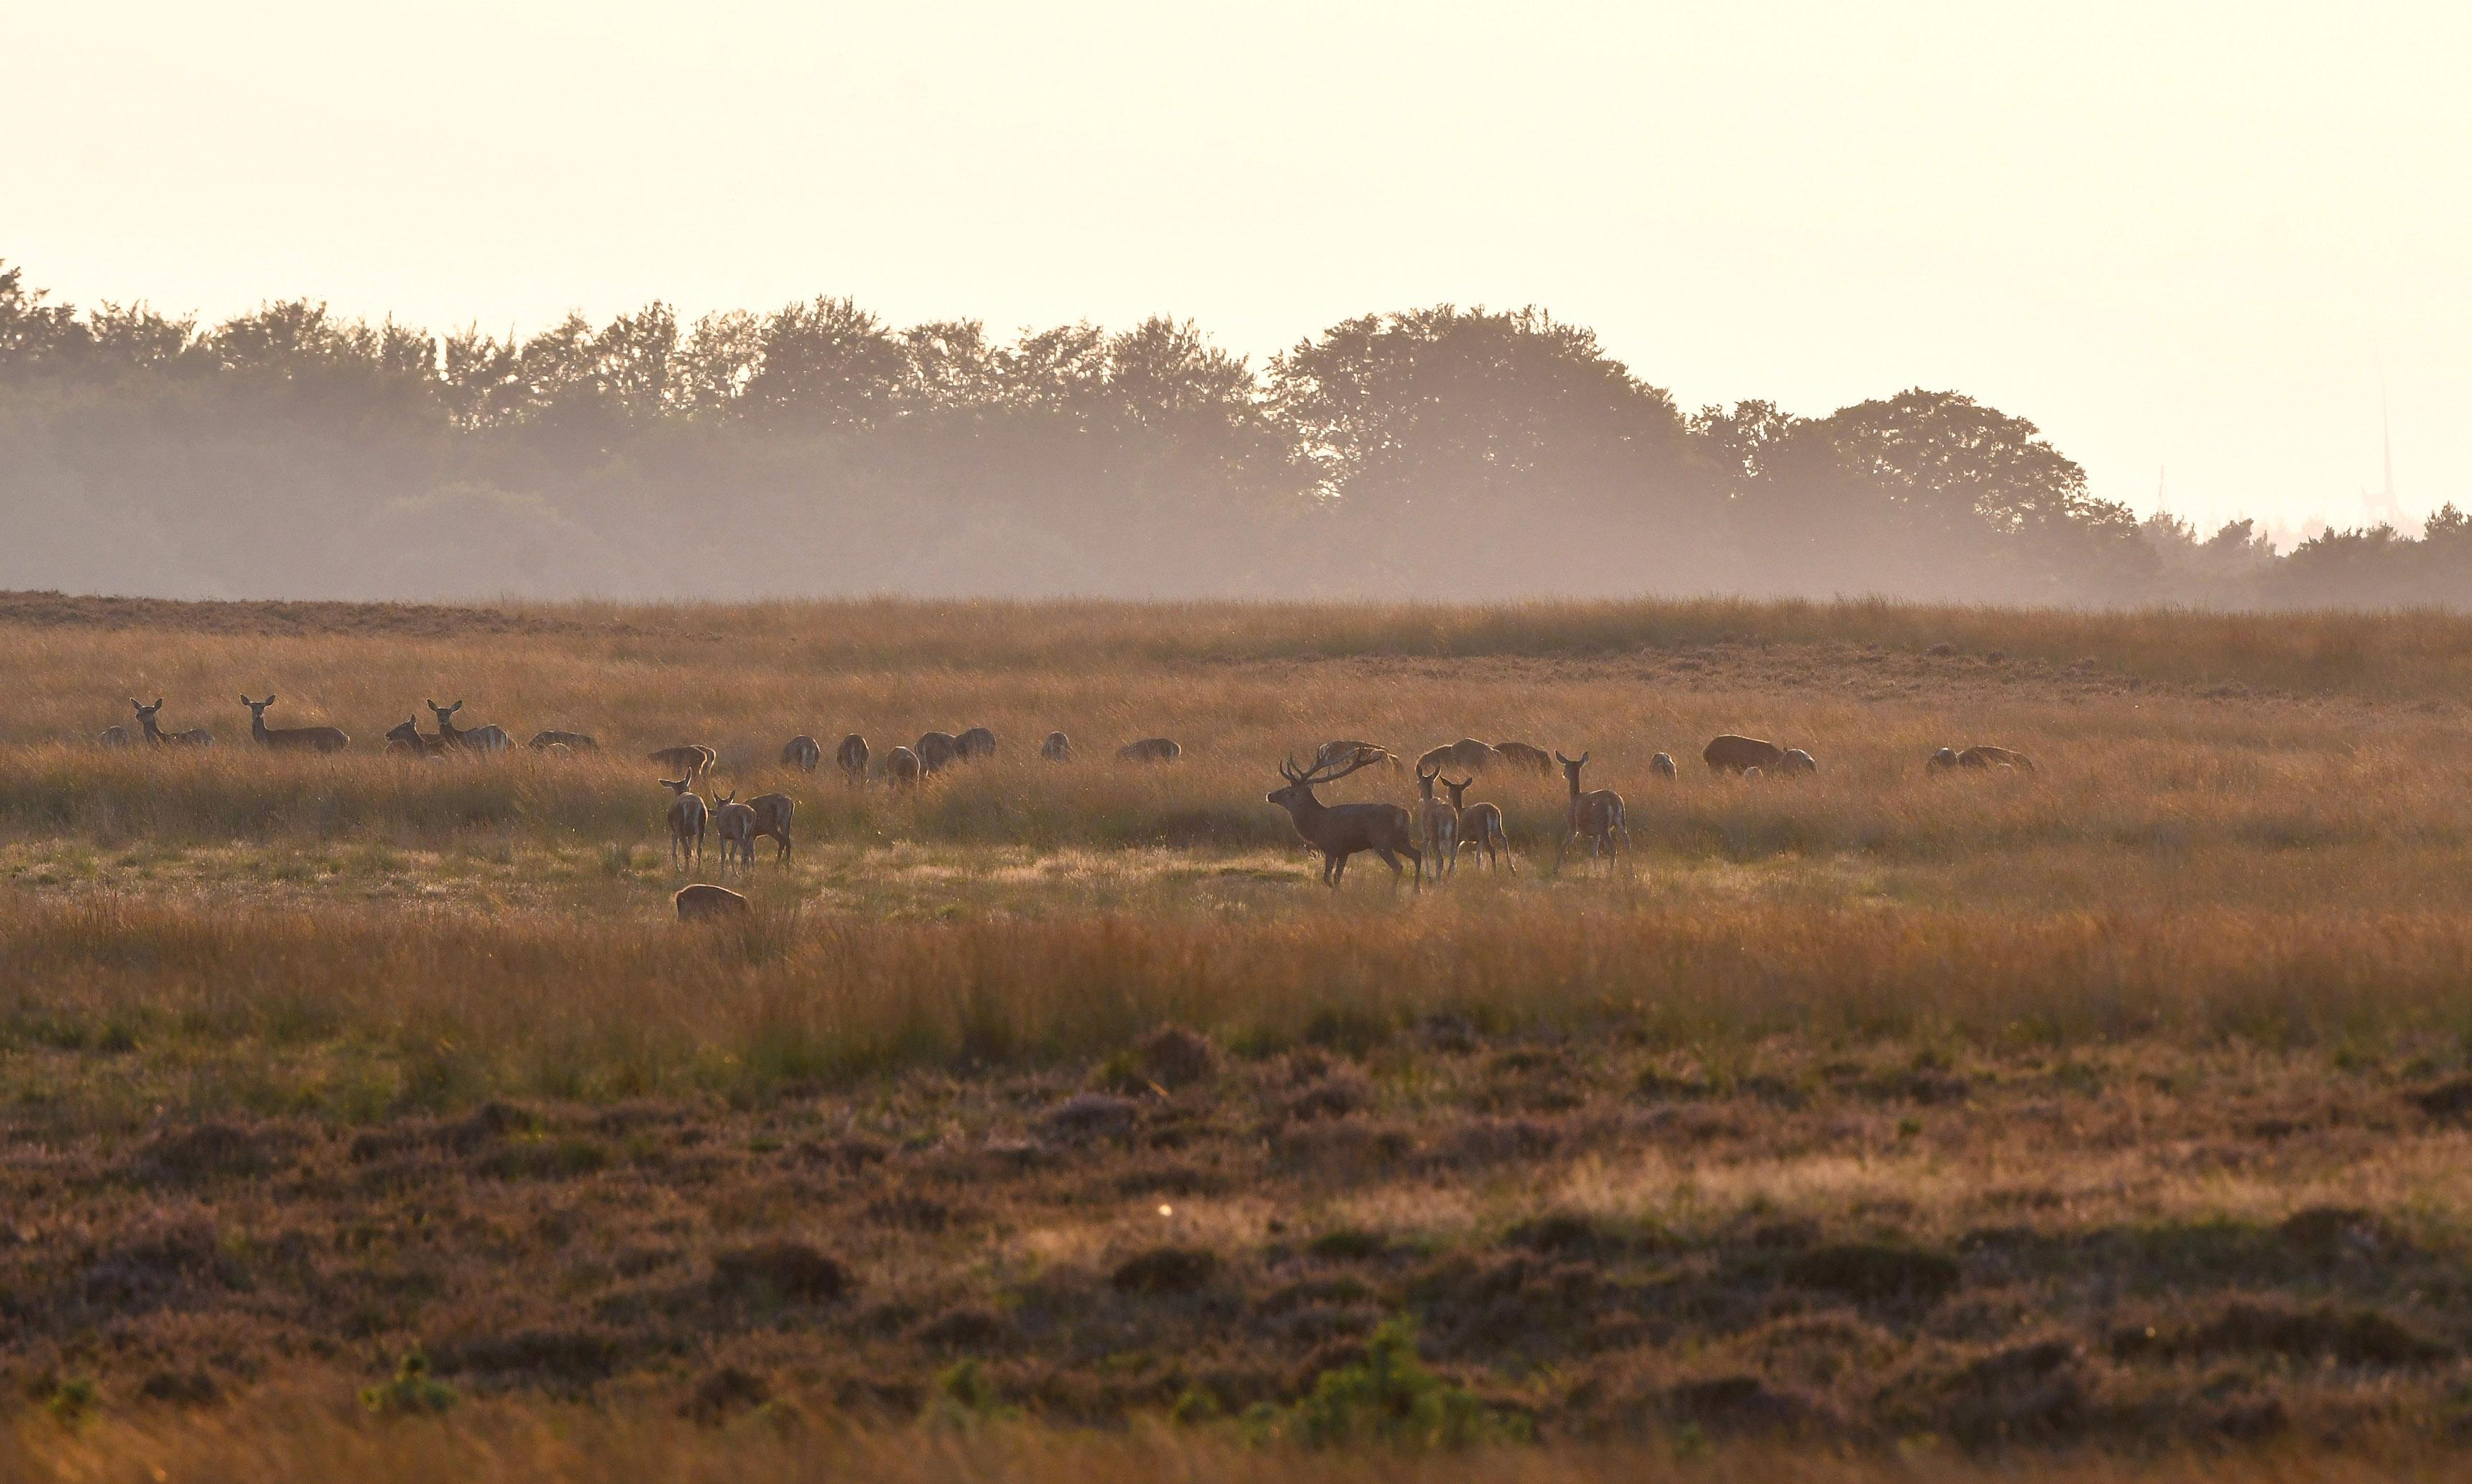 Het bronstgebeuren speelt zich ver weg bij ons vandaan in het open veld af – Foto: ©Louis Fraanje